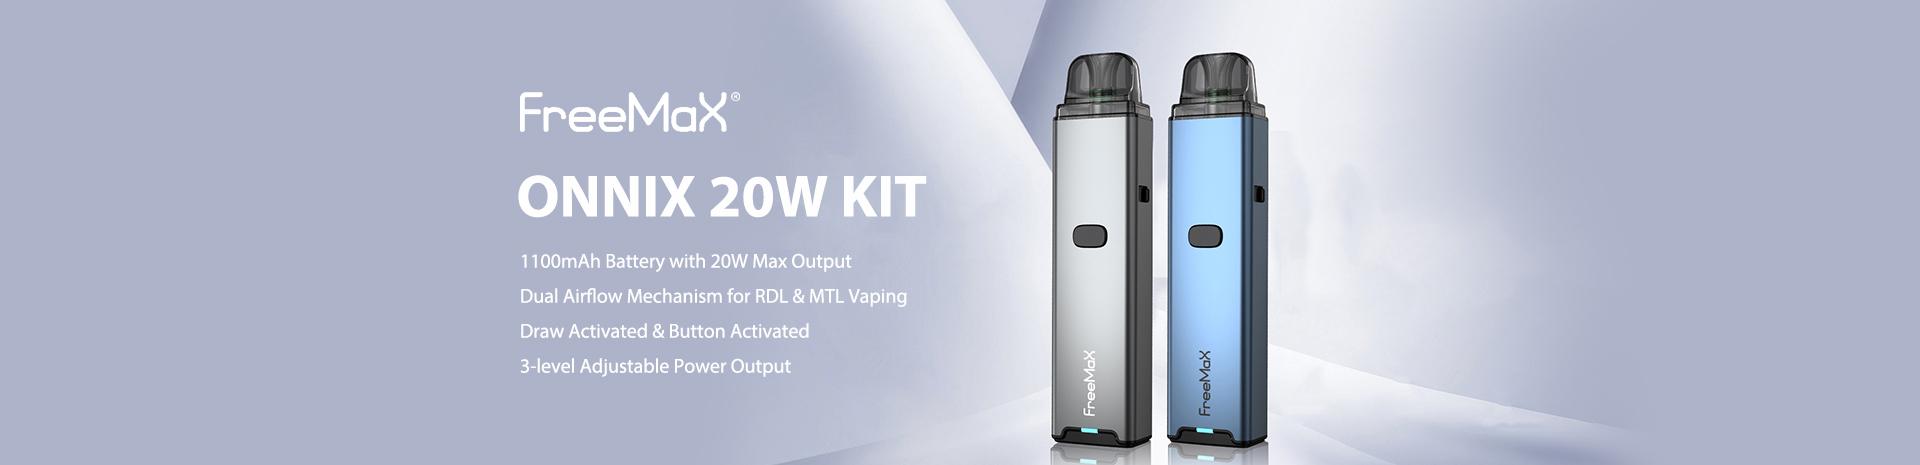 Freemax Onnix 20W Kit Banner